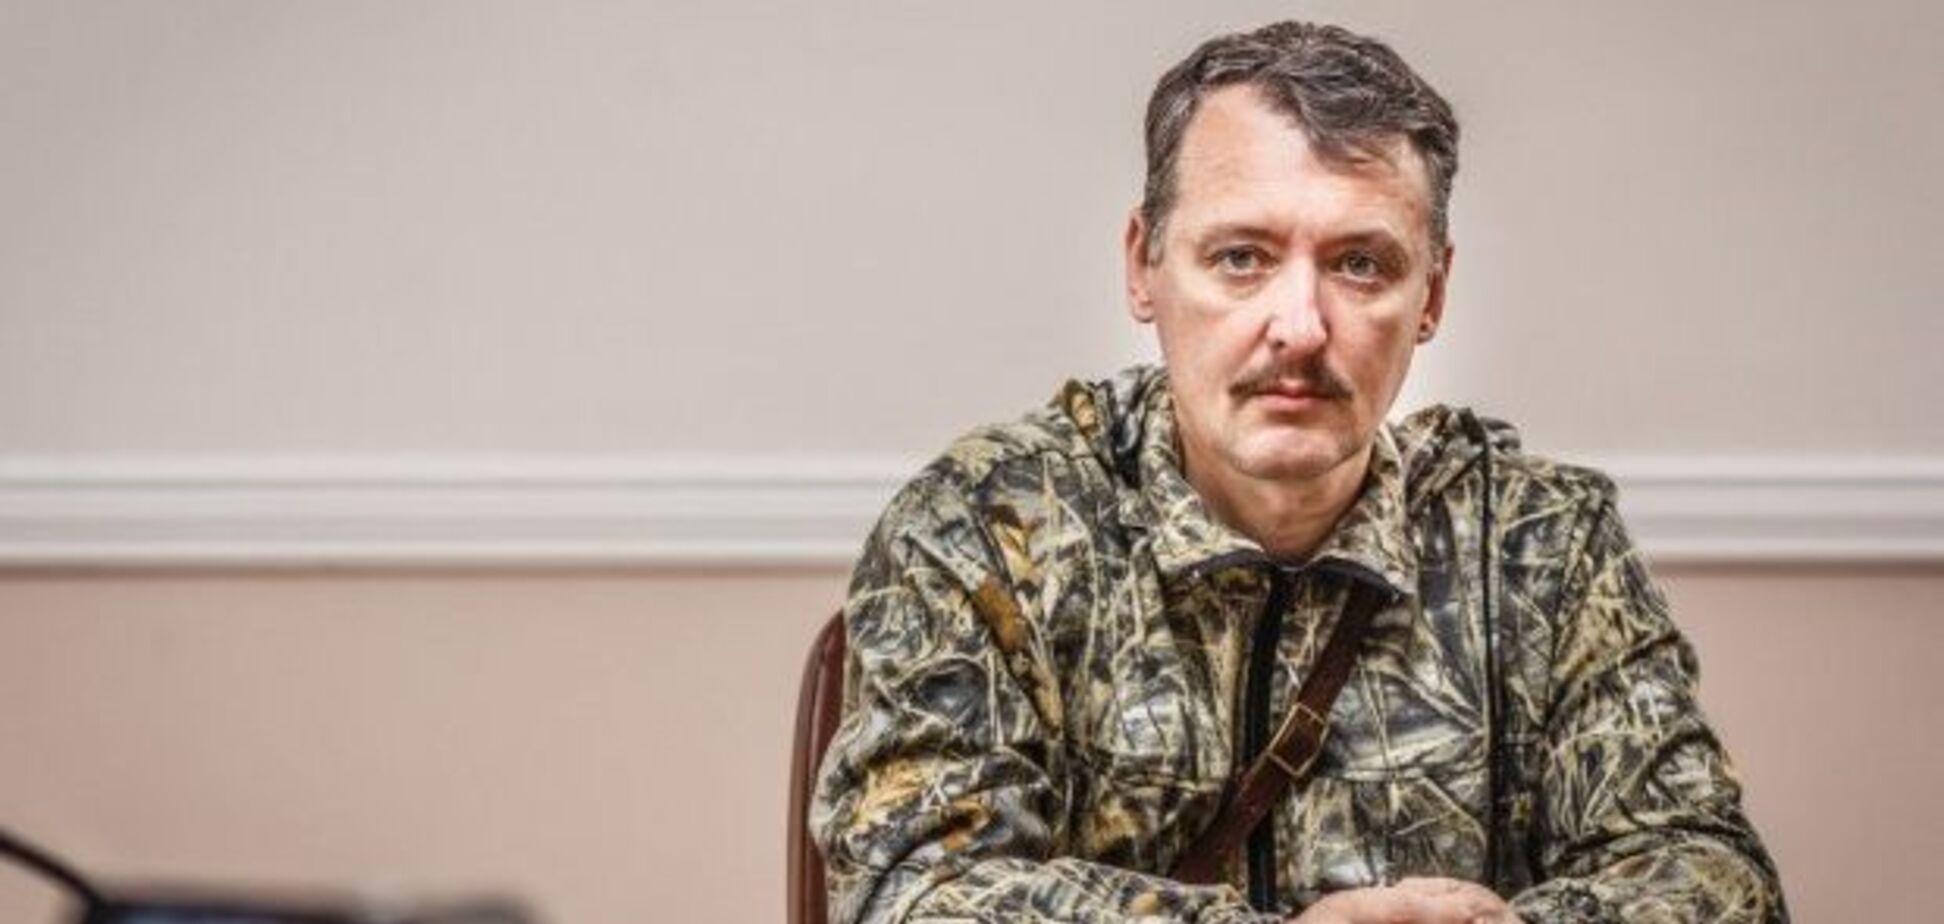 'Їде брати Київську': екс-ватажка 'ДНР' зганьбили в мережі дивним фото